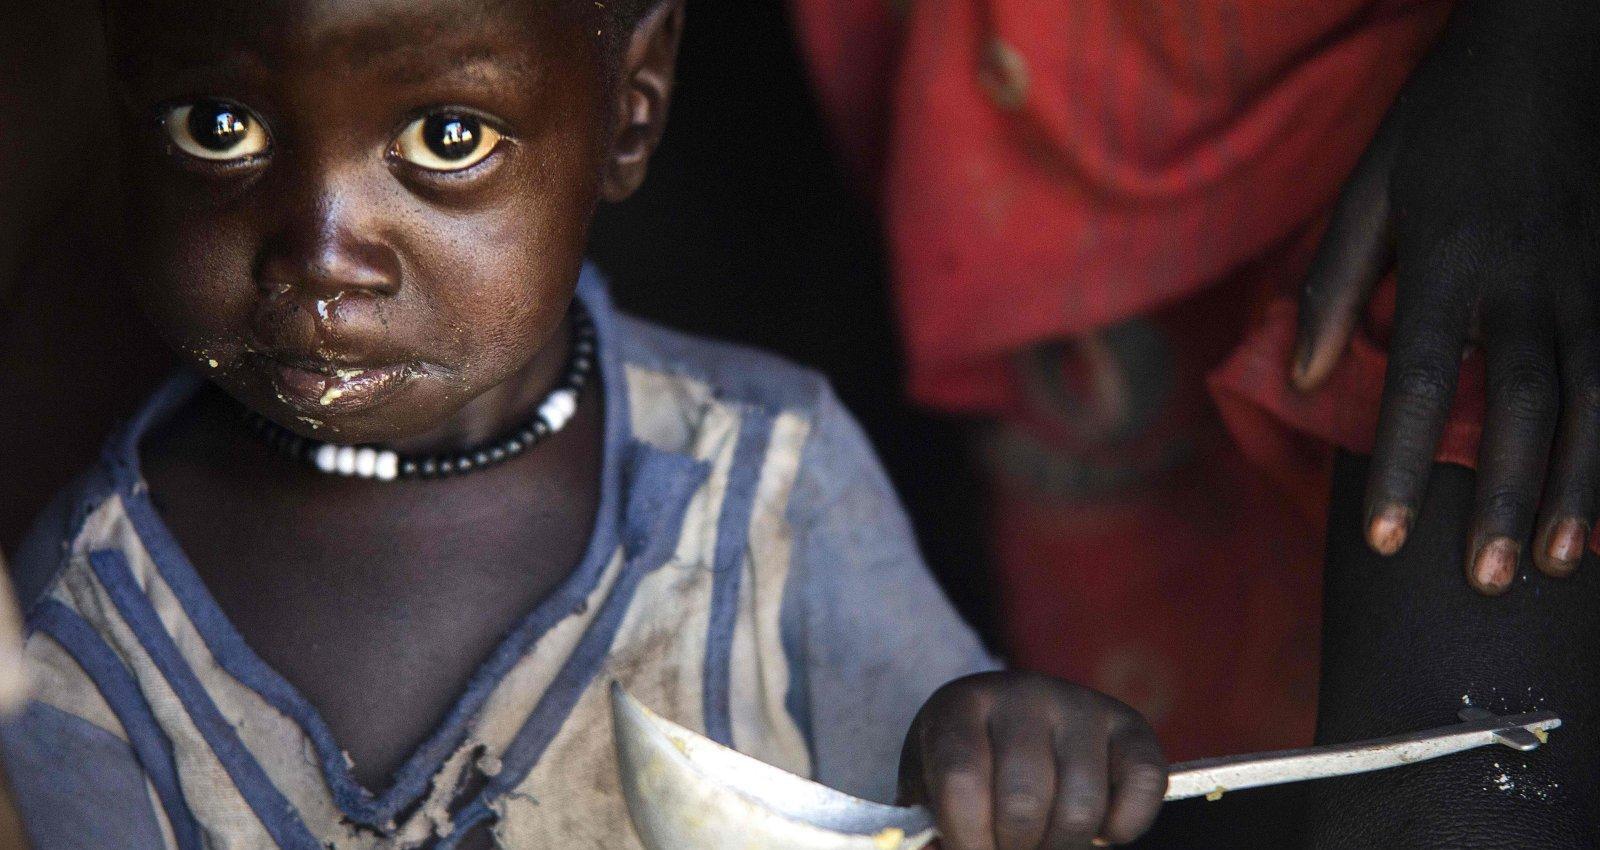 Apklusuši palīgā saucieni: kur palicis bads Āfrikā